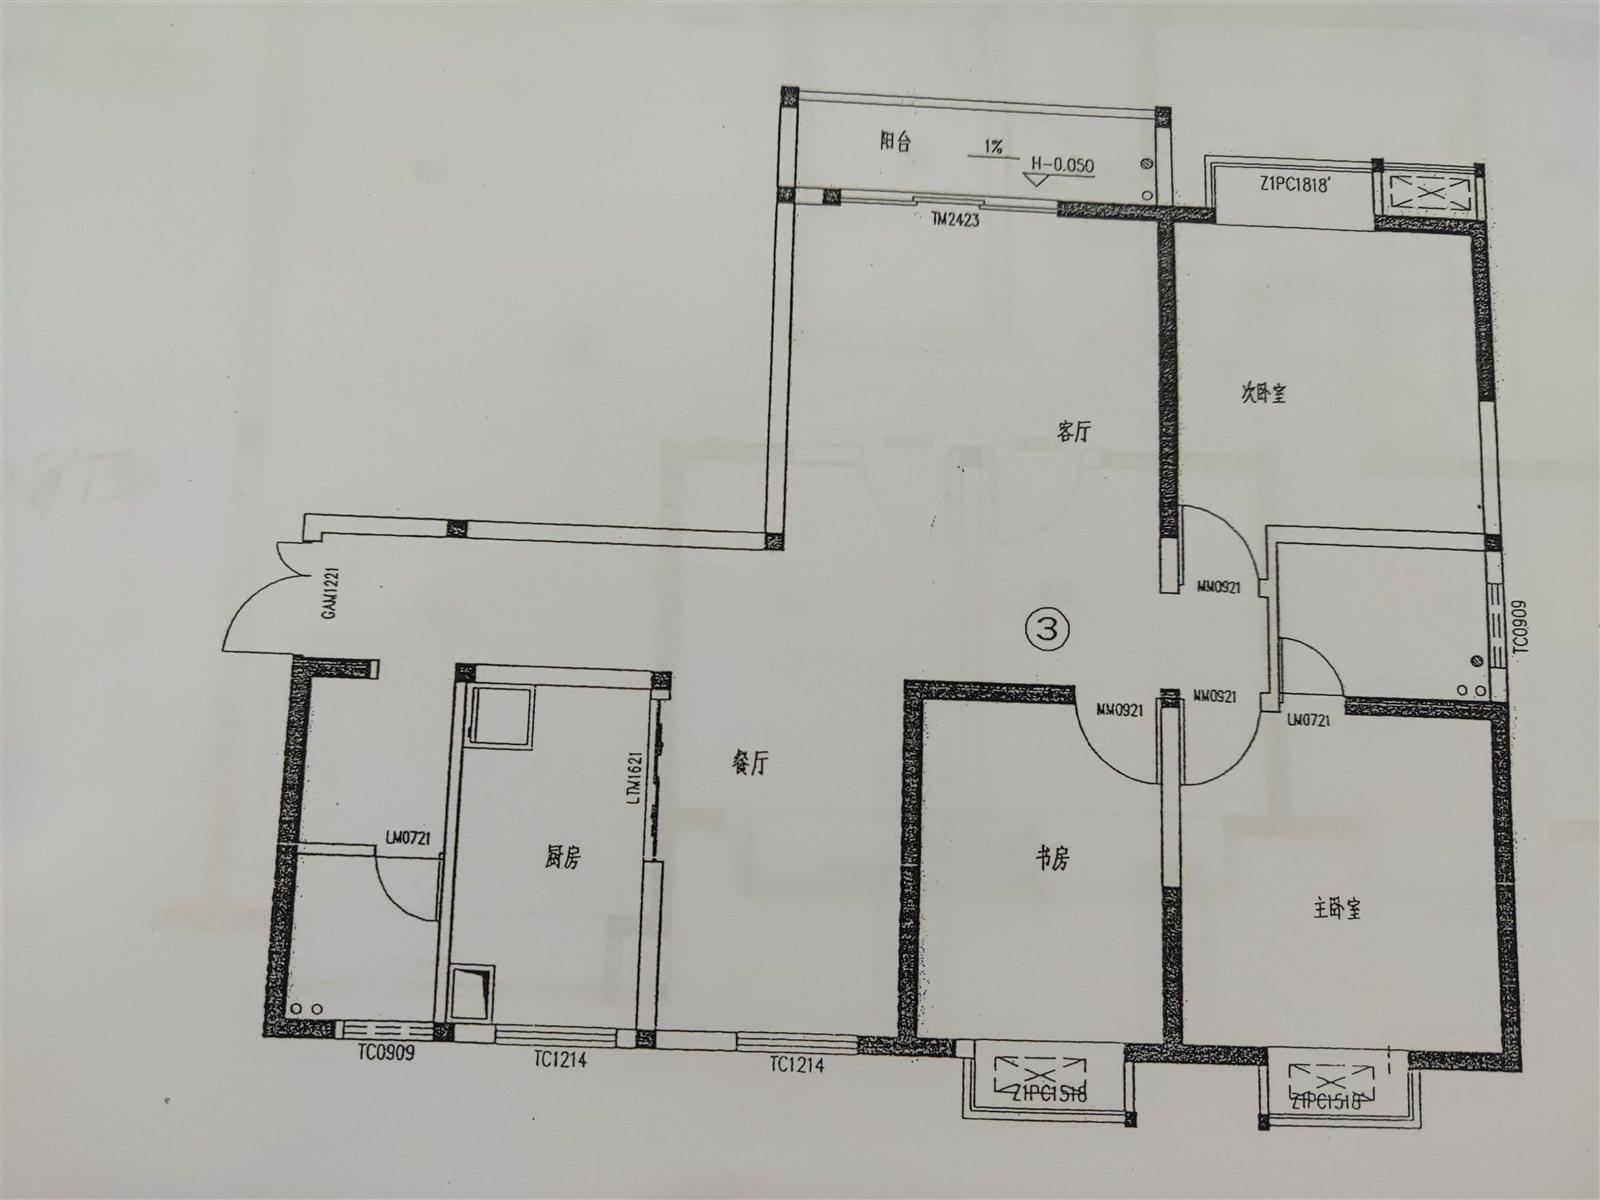 明阳文苑3室 2厅 2卫47万元